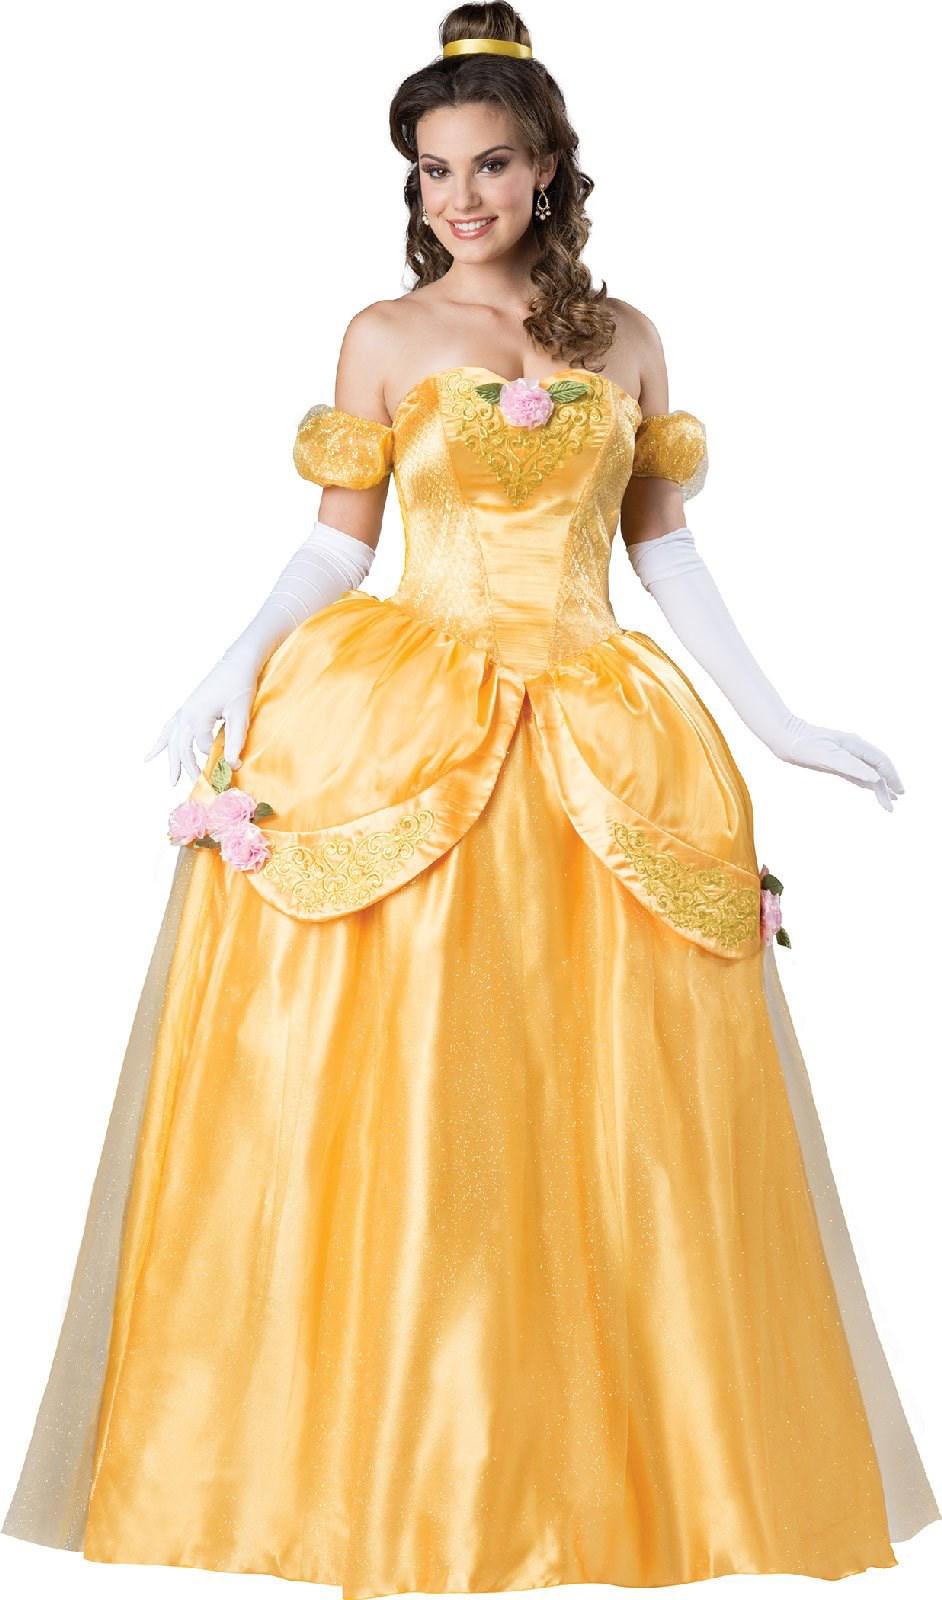 Adult belle dress